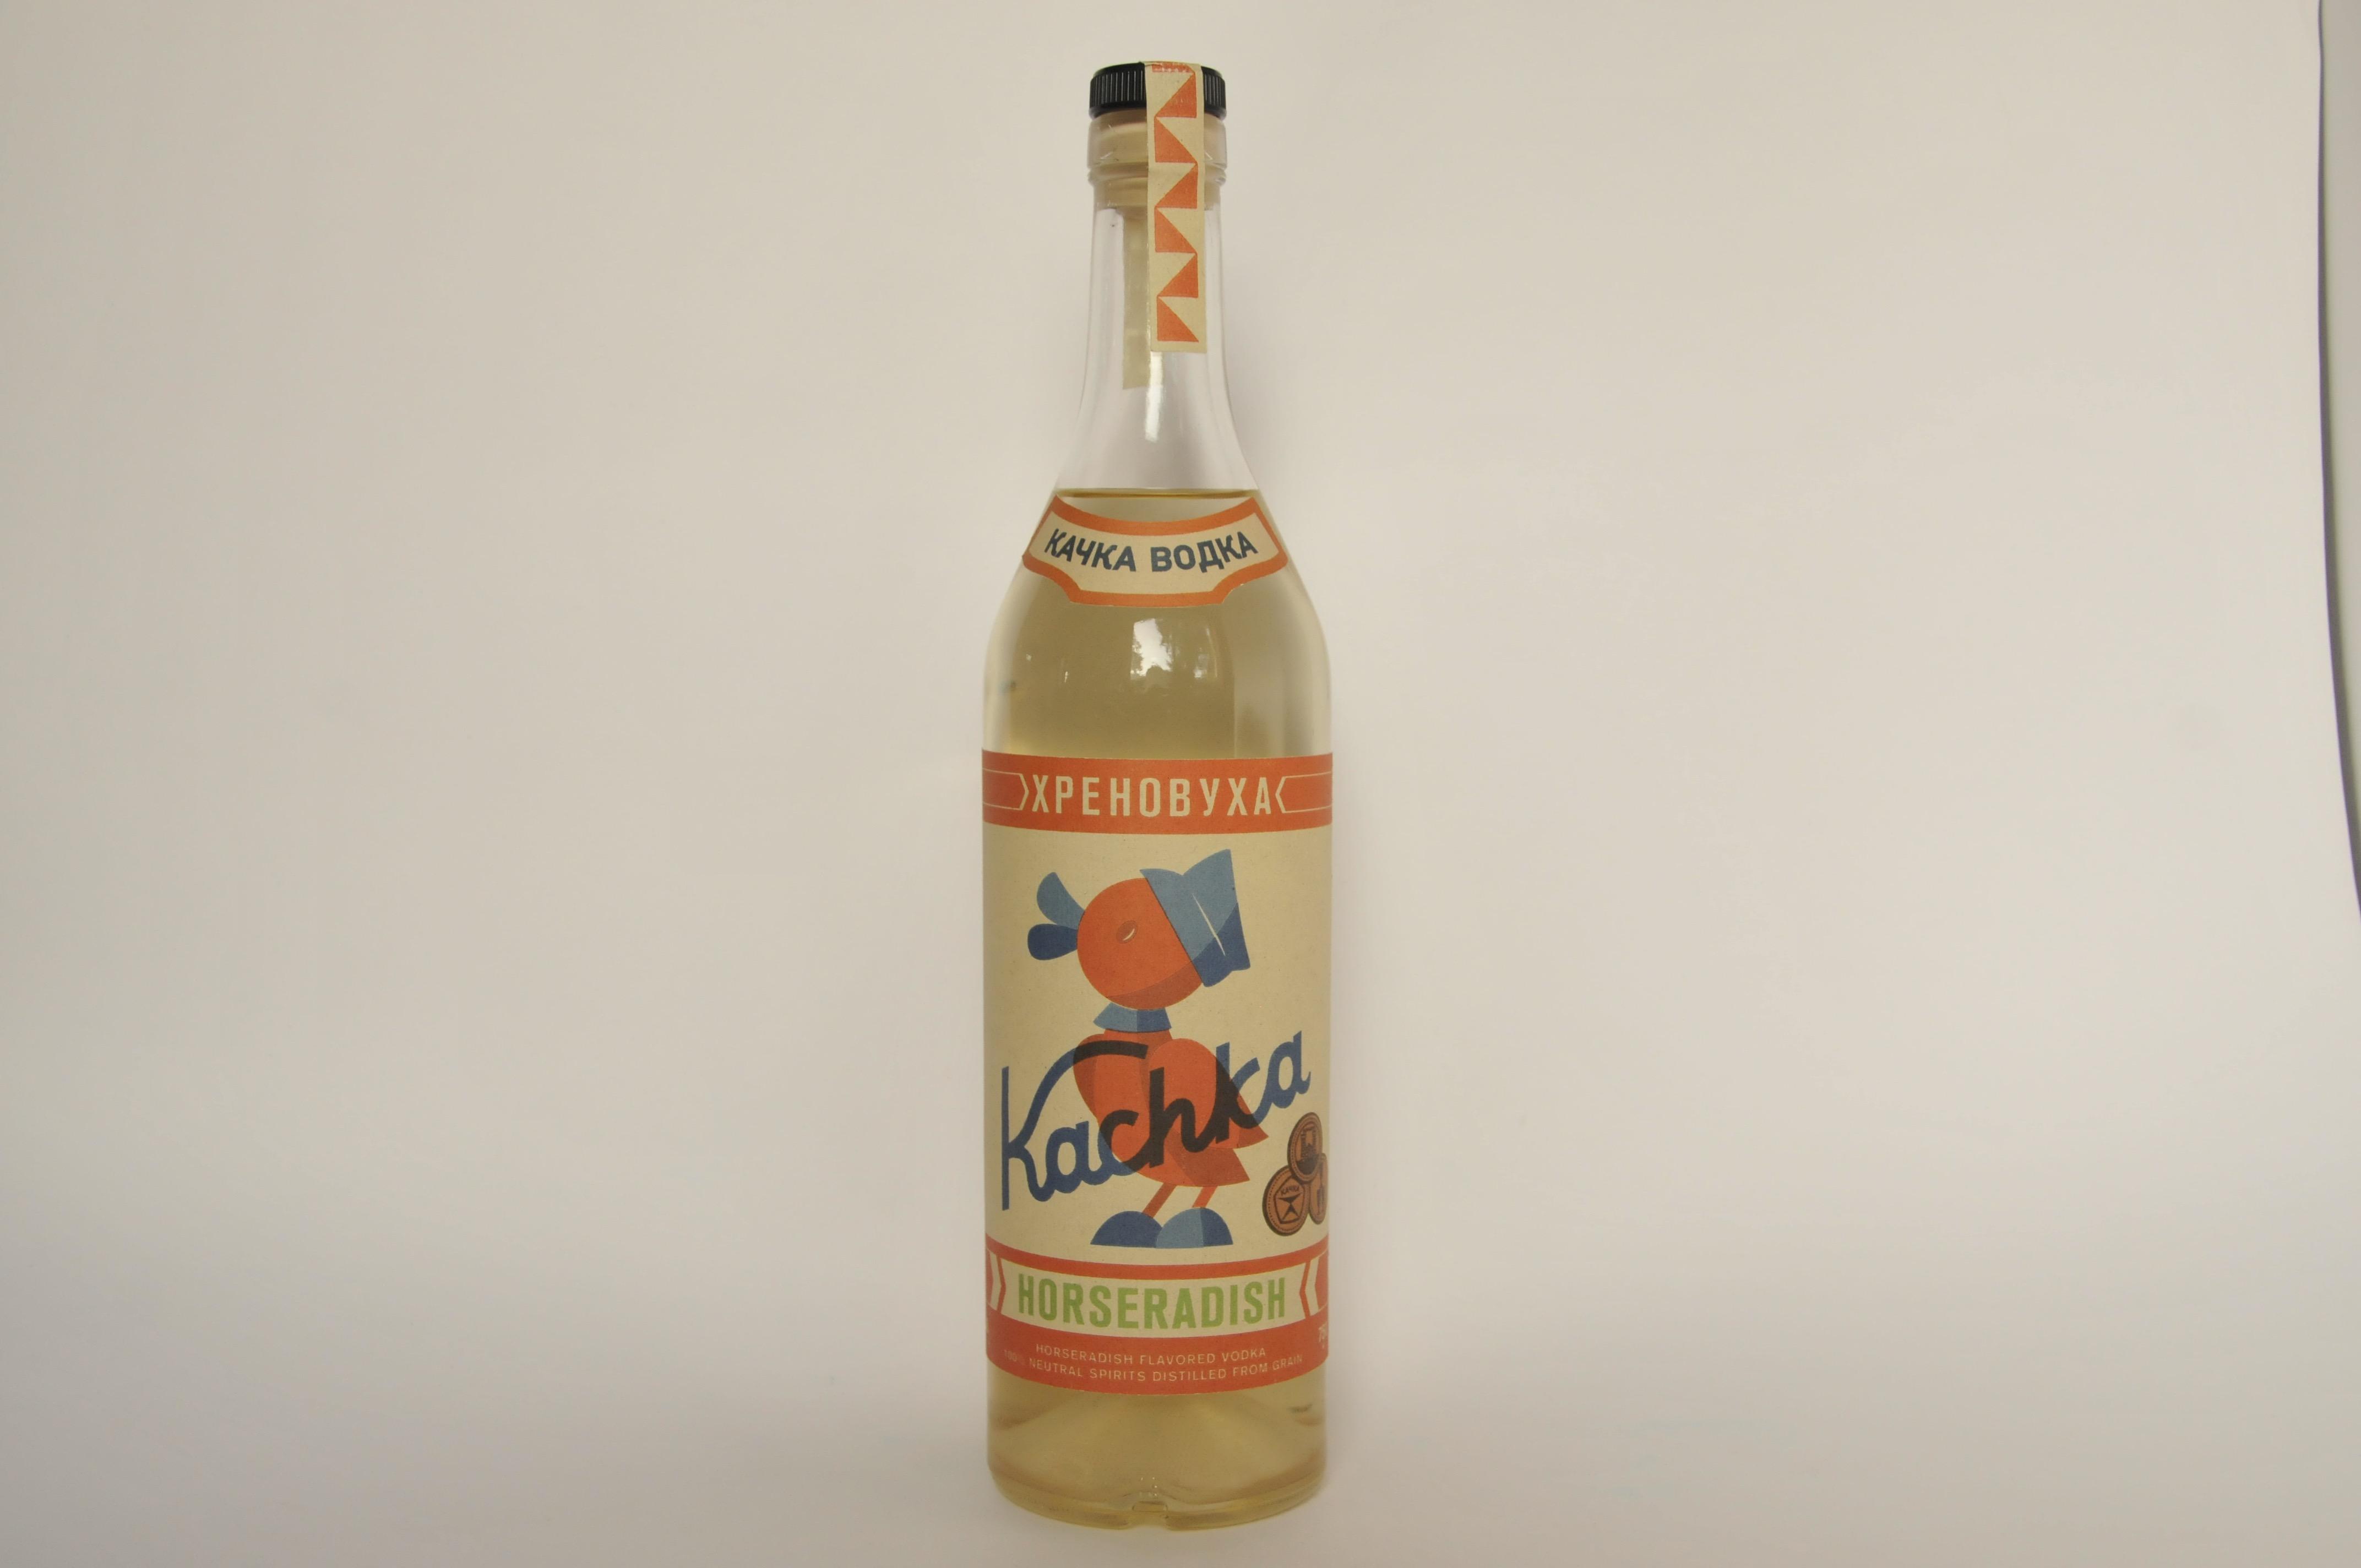 Kachka's Horseradish Vodka